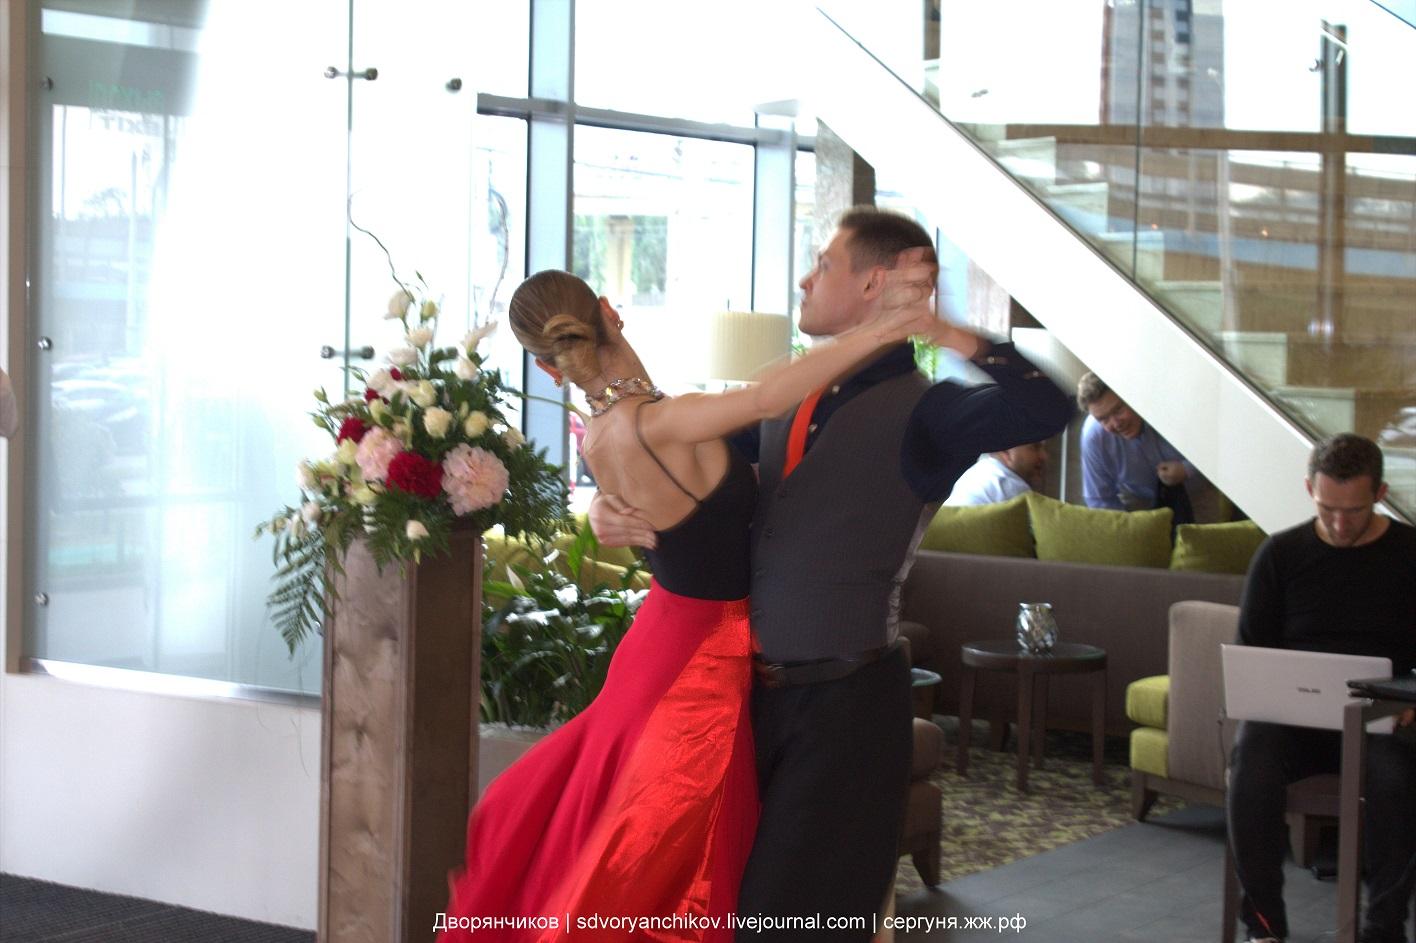 Немного фото с открытия Hilton Garden Inn в Волгограде